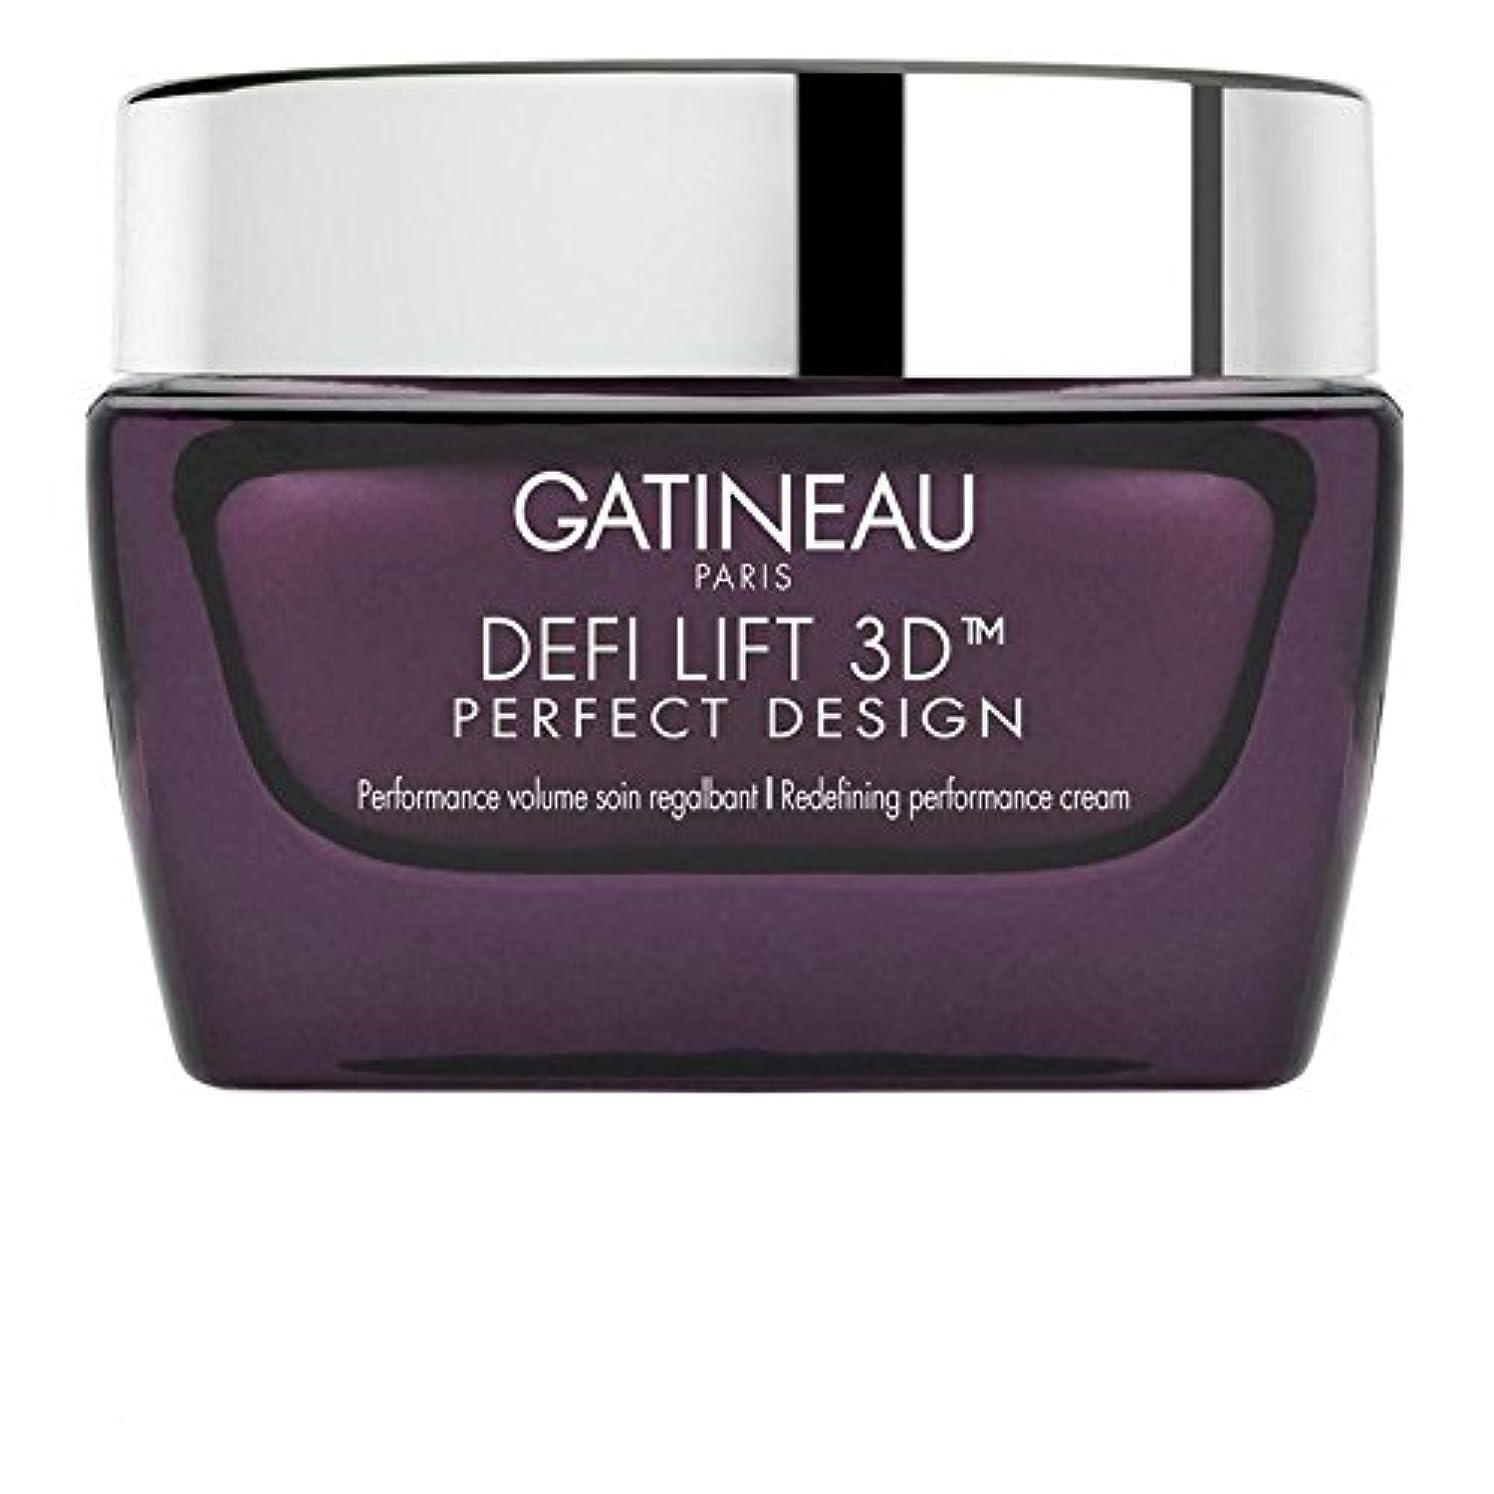 アルコーブコマンド入学するGatineau DefiLIFT 3D Perfect Design Redefining Performance Cream 50ml - ガティノー 3完璧なデザインの再定義パフォーマンスクリーム50 [並行輸入品]